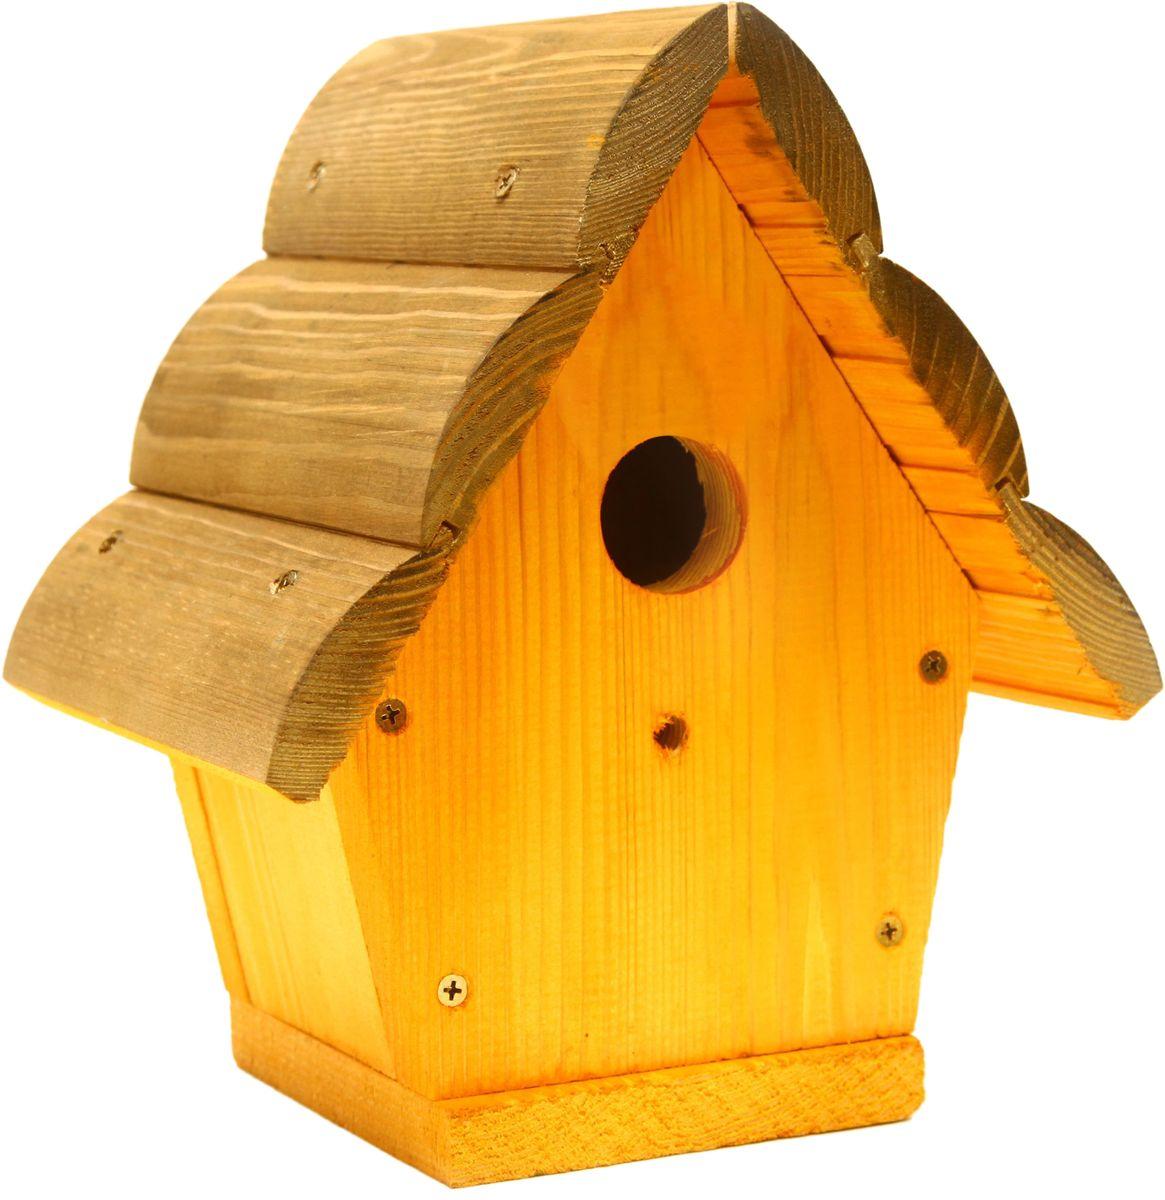 Домик для птиц Proffi. PH8475 домик для птиц gardman домик для птиц gardman 24 см